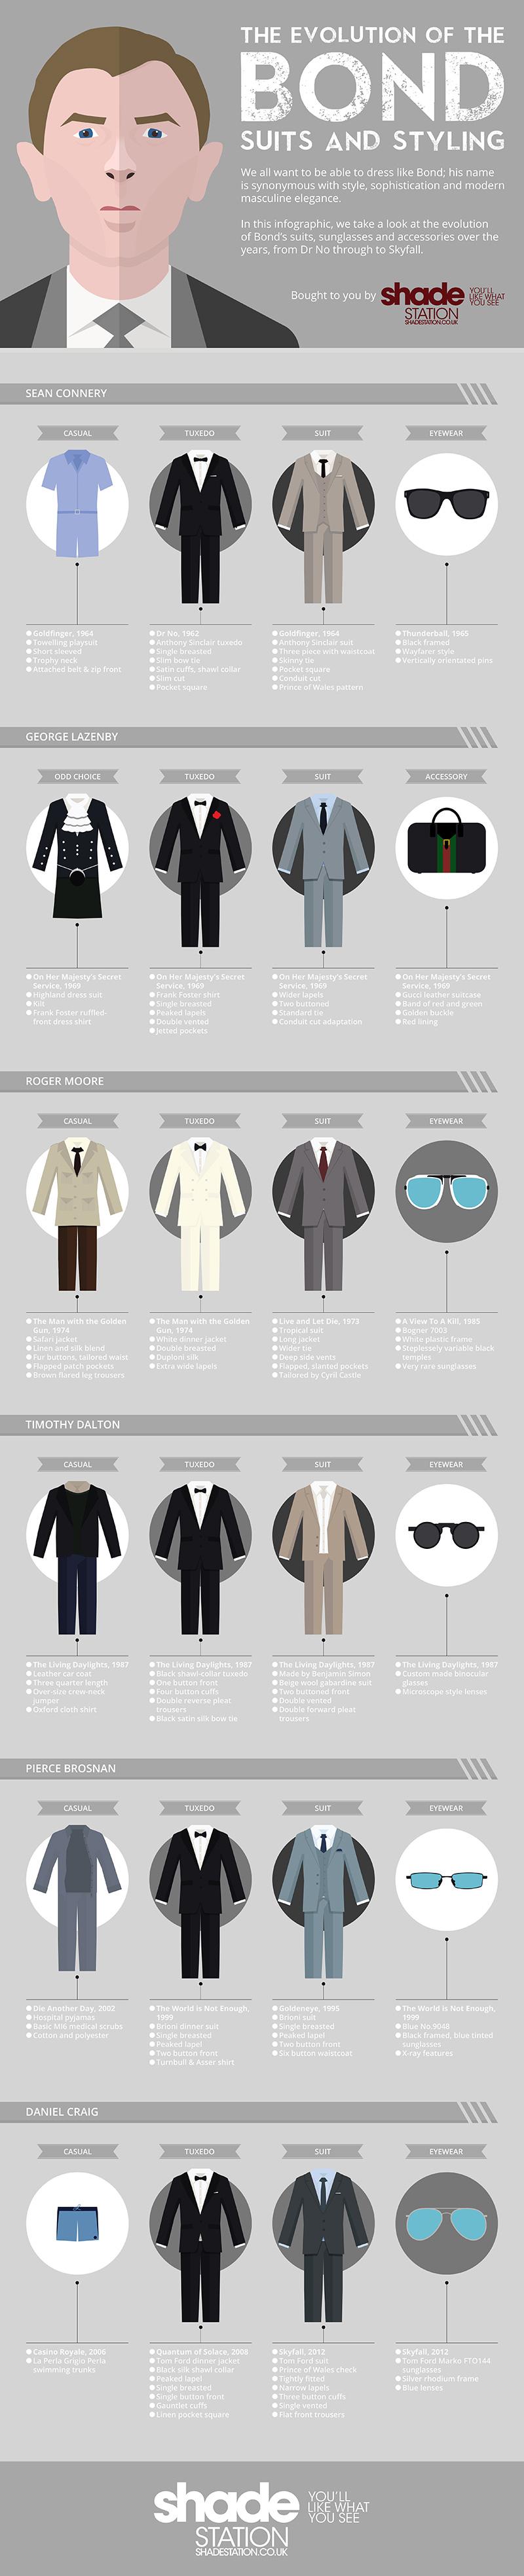 bond-suits